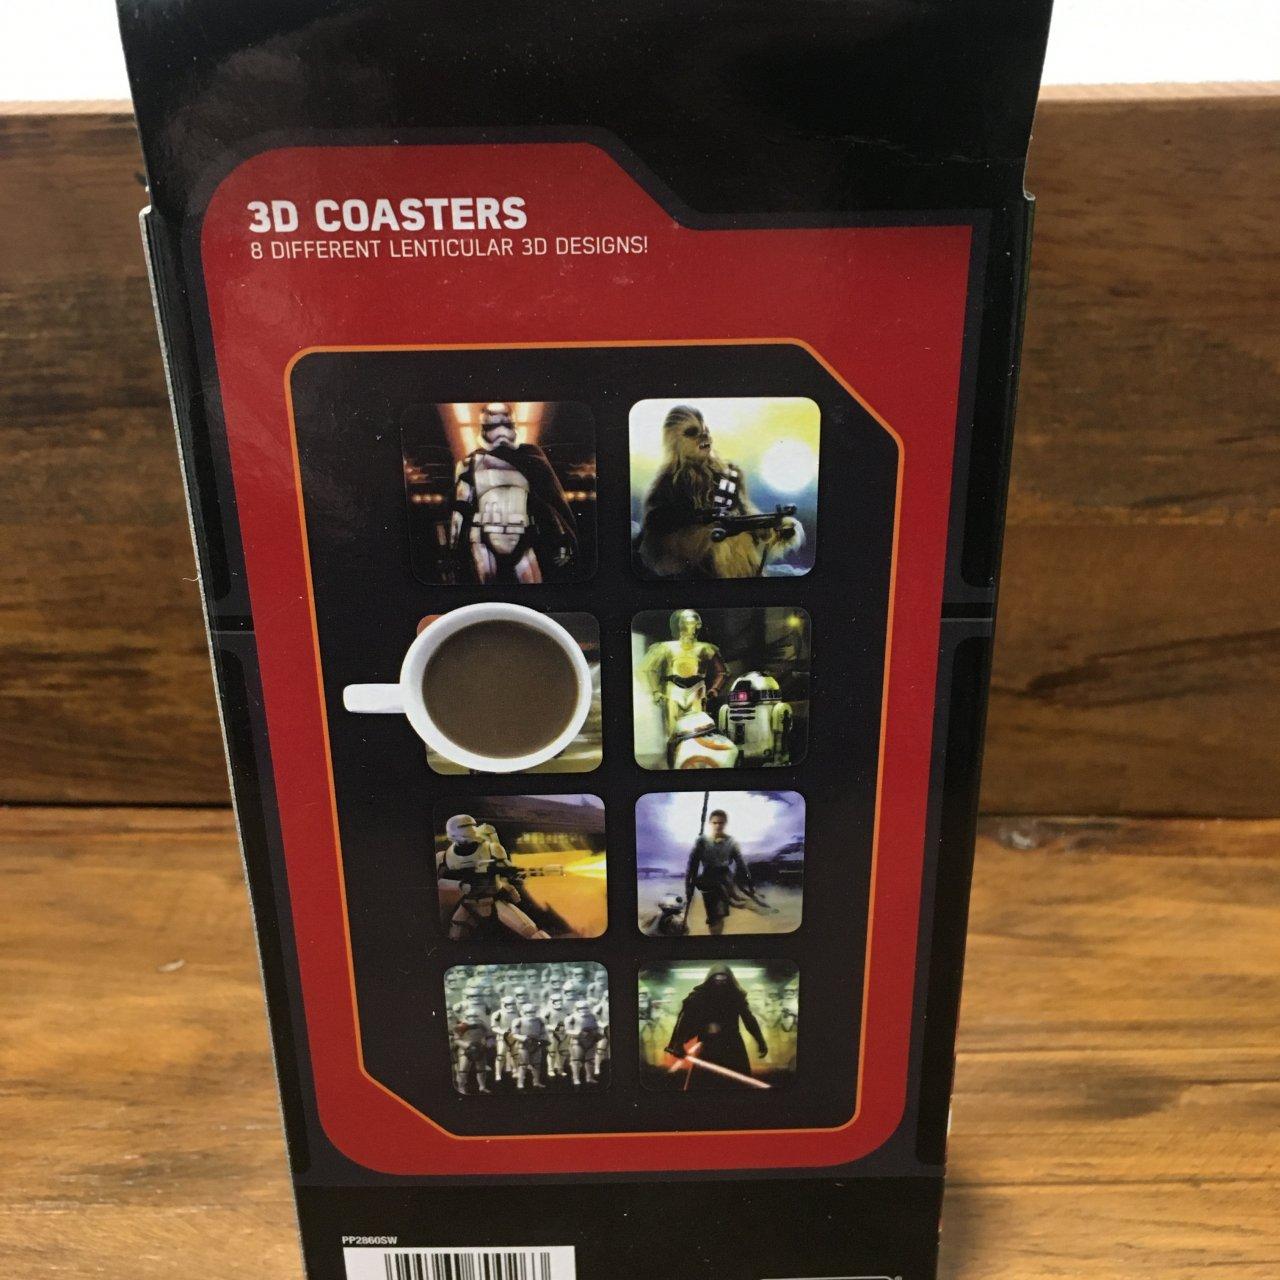 Disney Star Wars, 3D Coasters, Pack of 8 Coasters